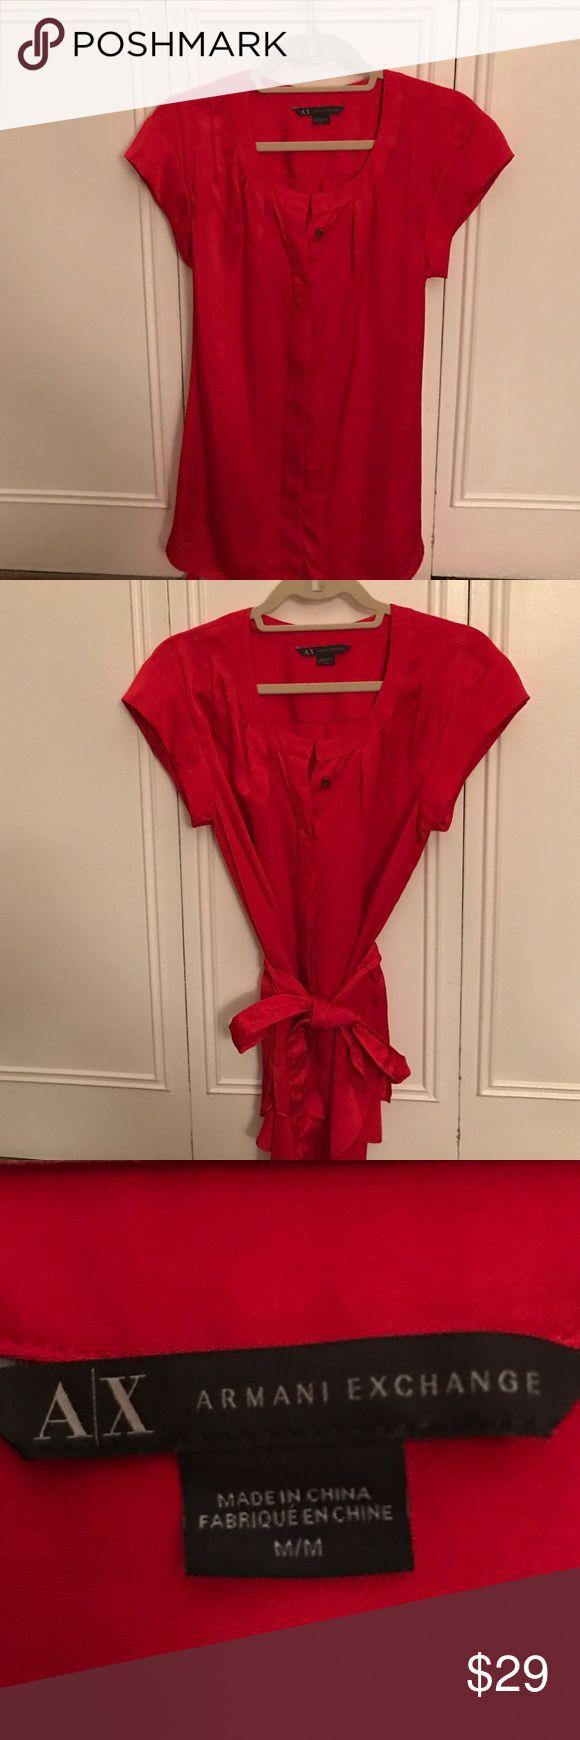 Armani Exchange button down belt blouse Beauty Armani Exchange button down blouse with waist belt. Excellent condition A/X Armani Exchange Tops Blouses